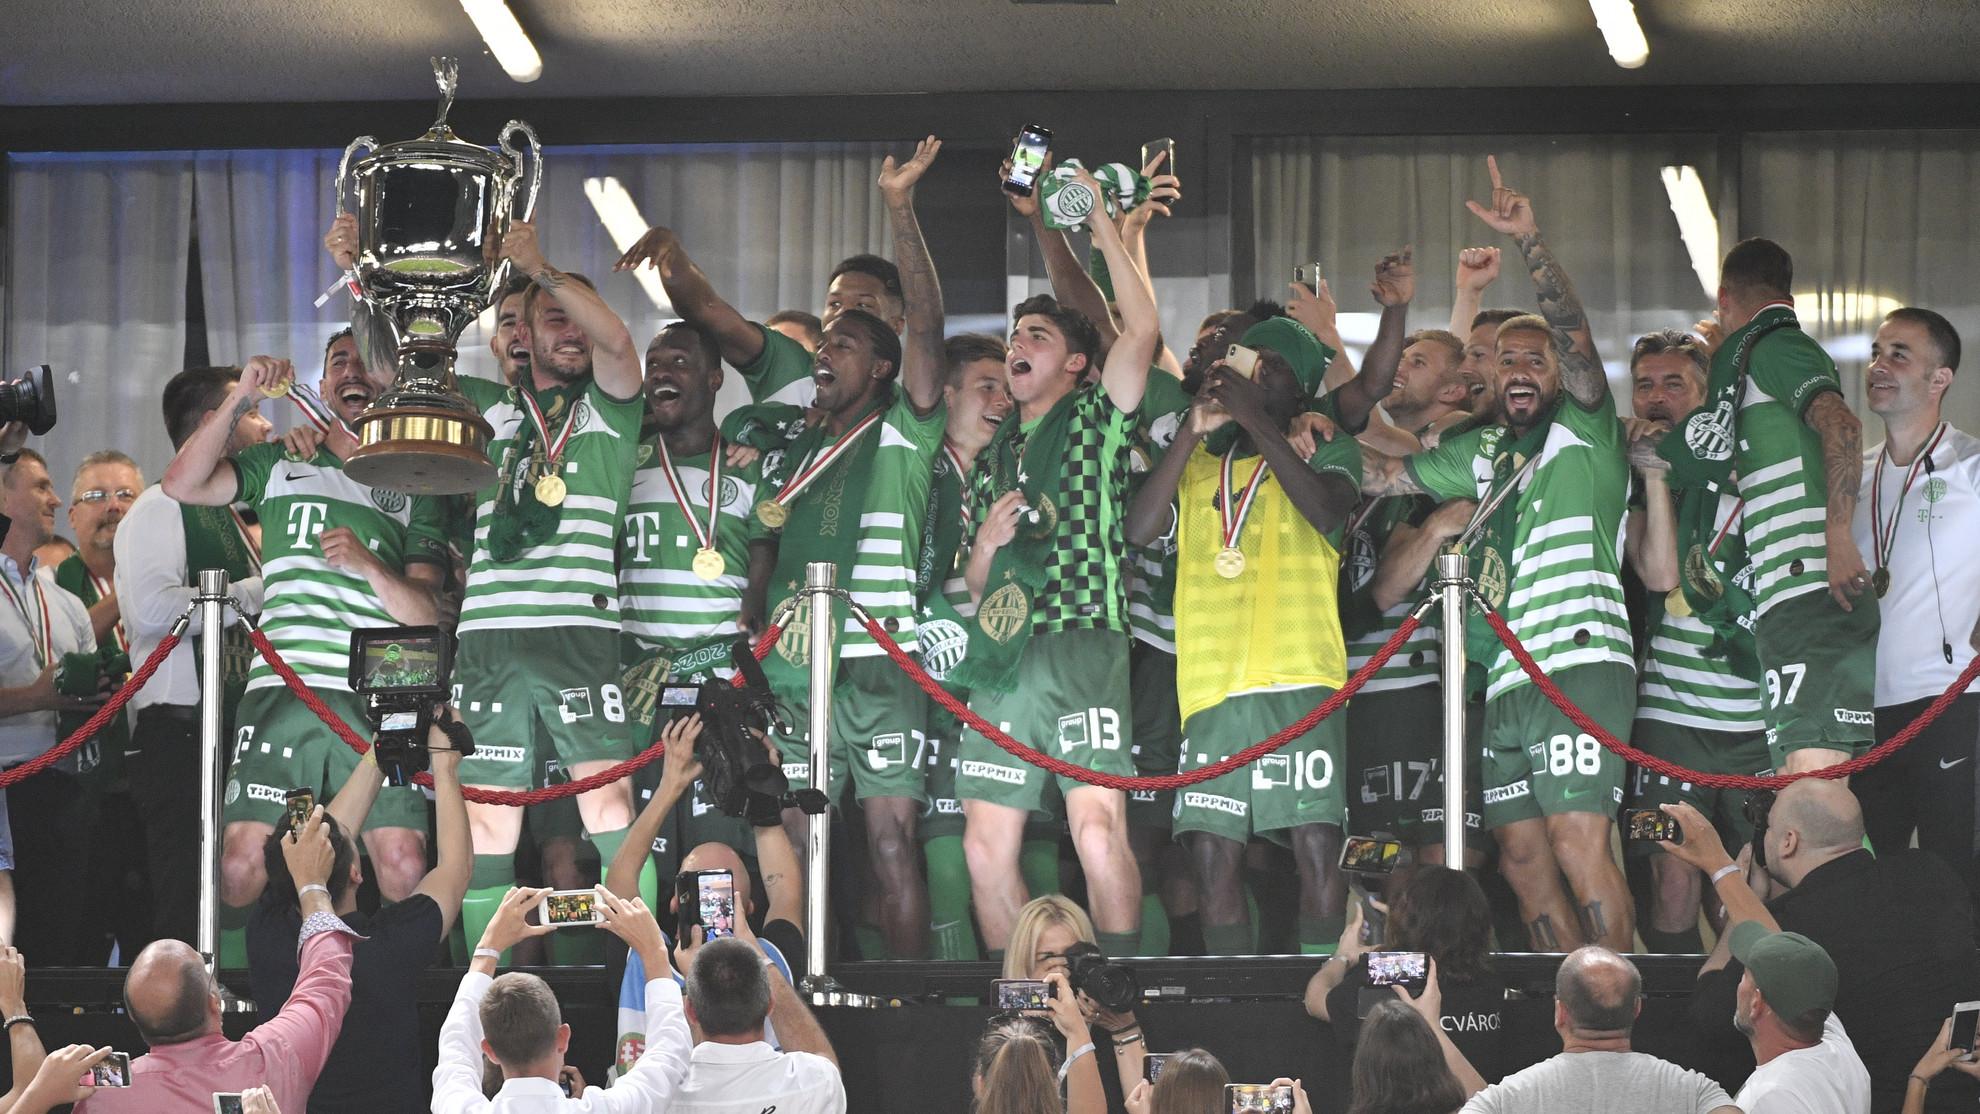 Lovrencsics Gergő, a Ferencváros csapatkapitánya a magasba emeli a bajnoknak járó kupát